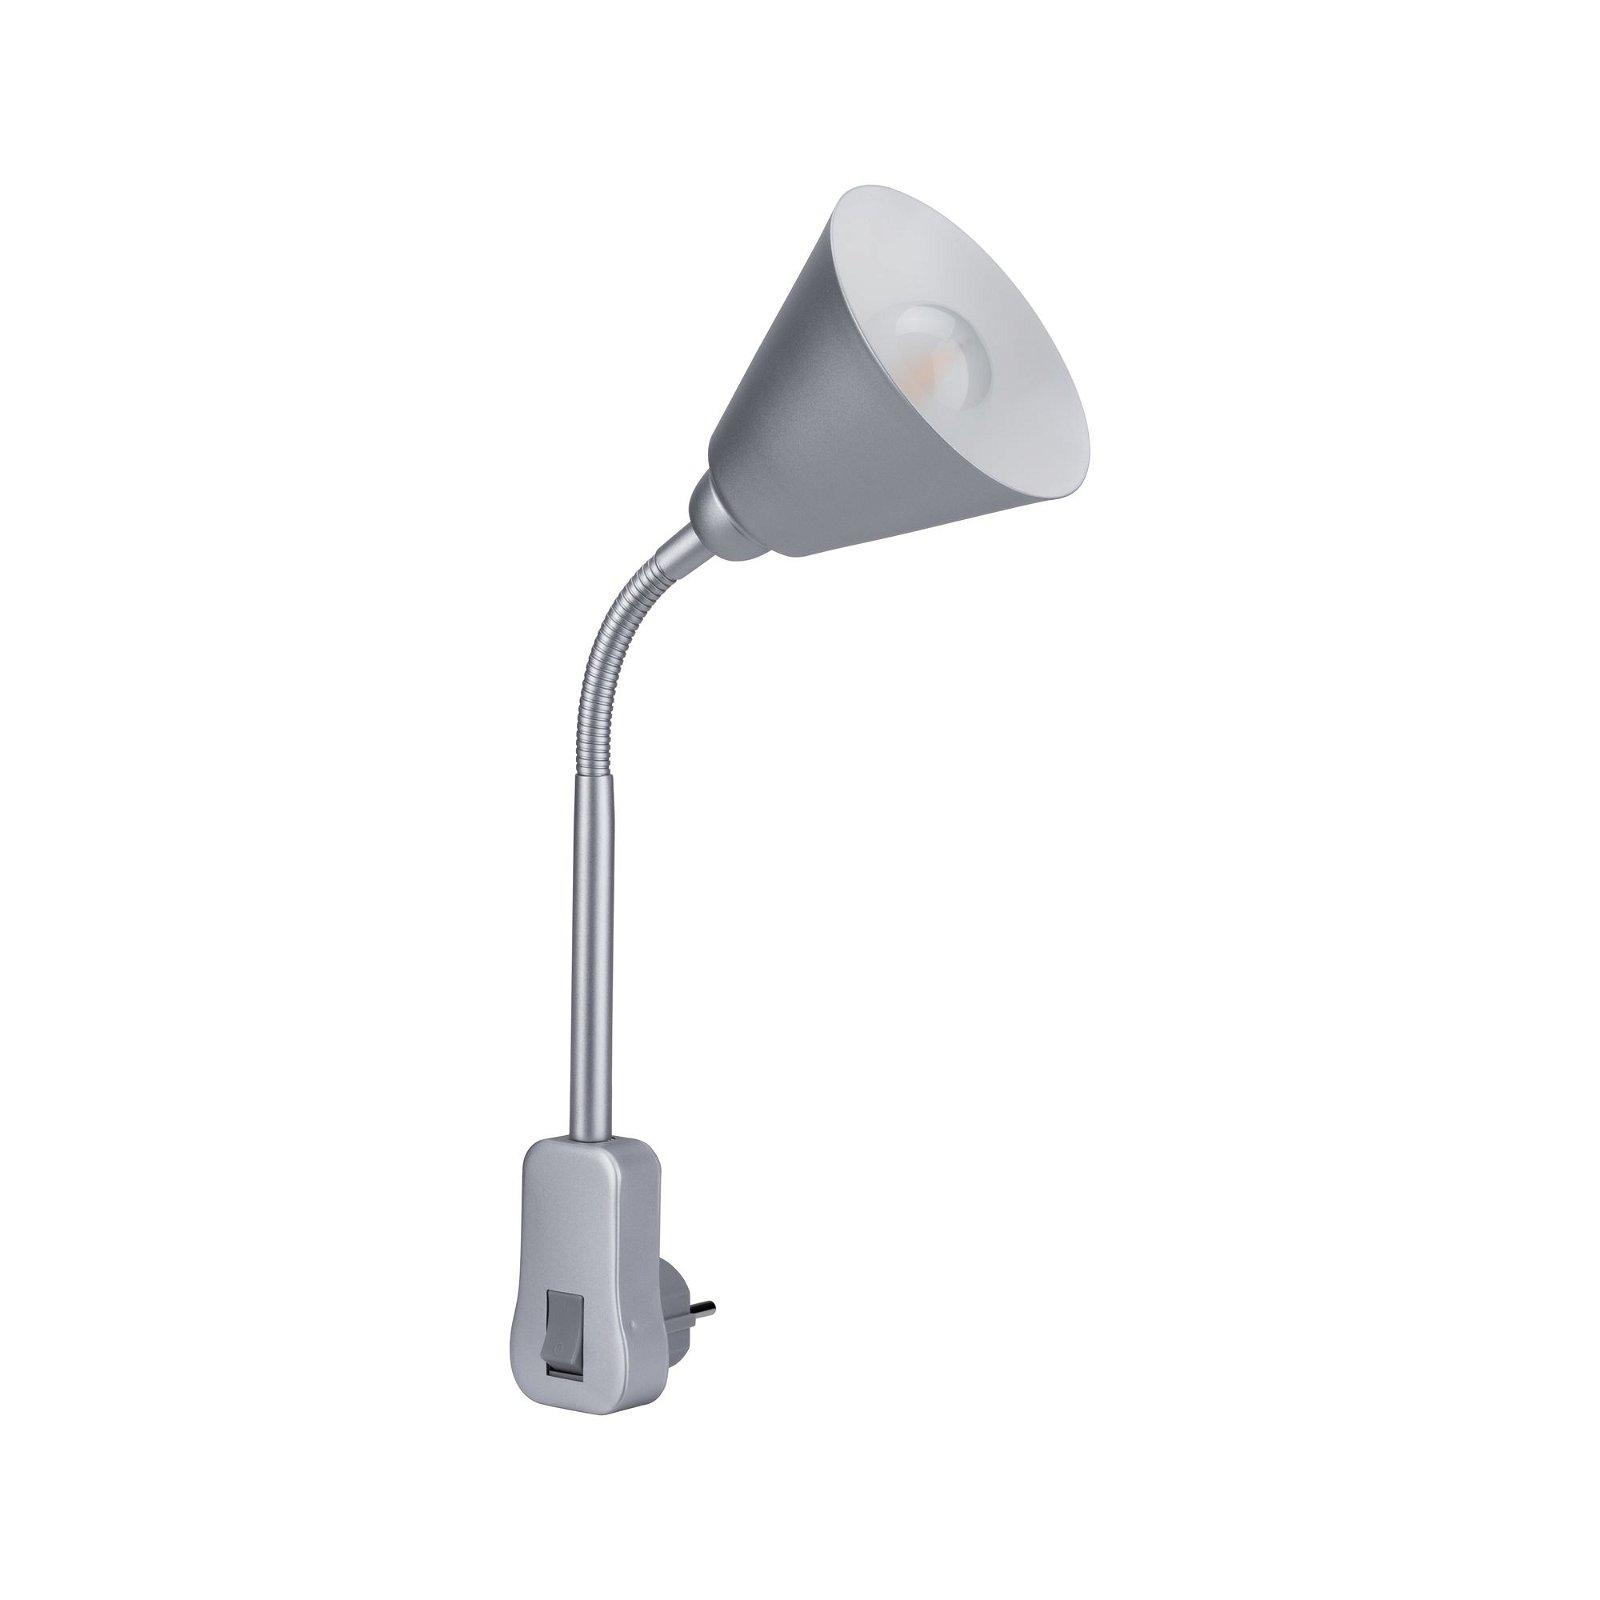 Stekkerlamp Junus Grijs 230V E14